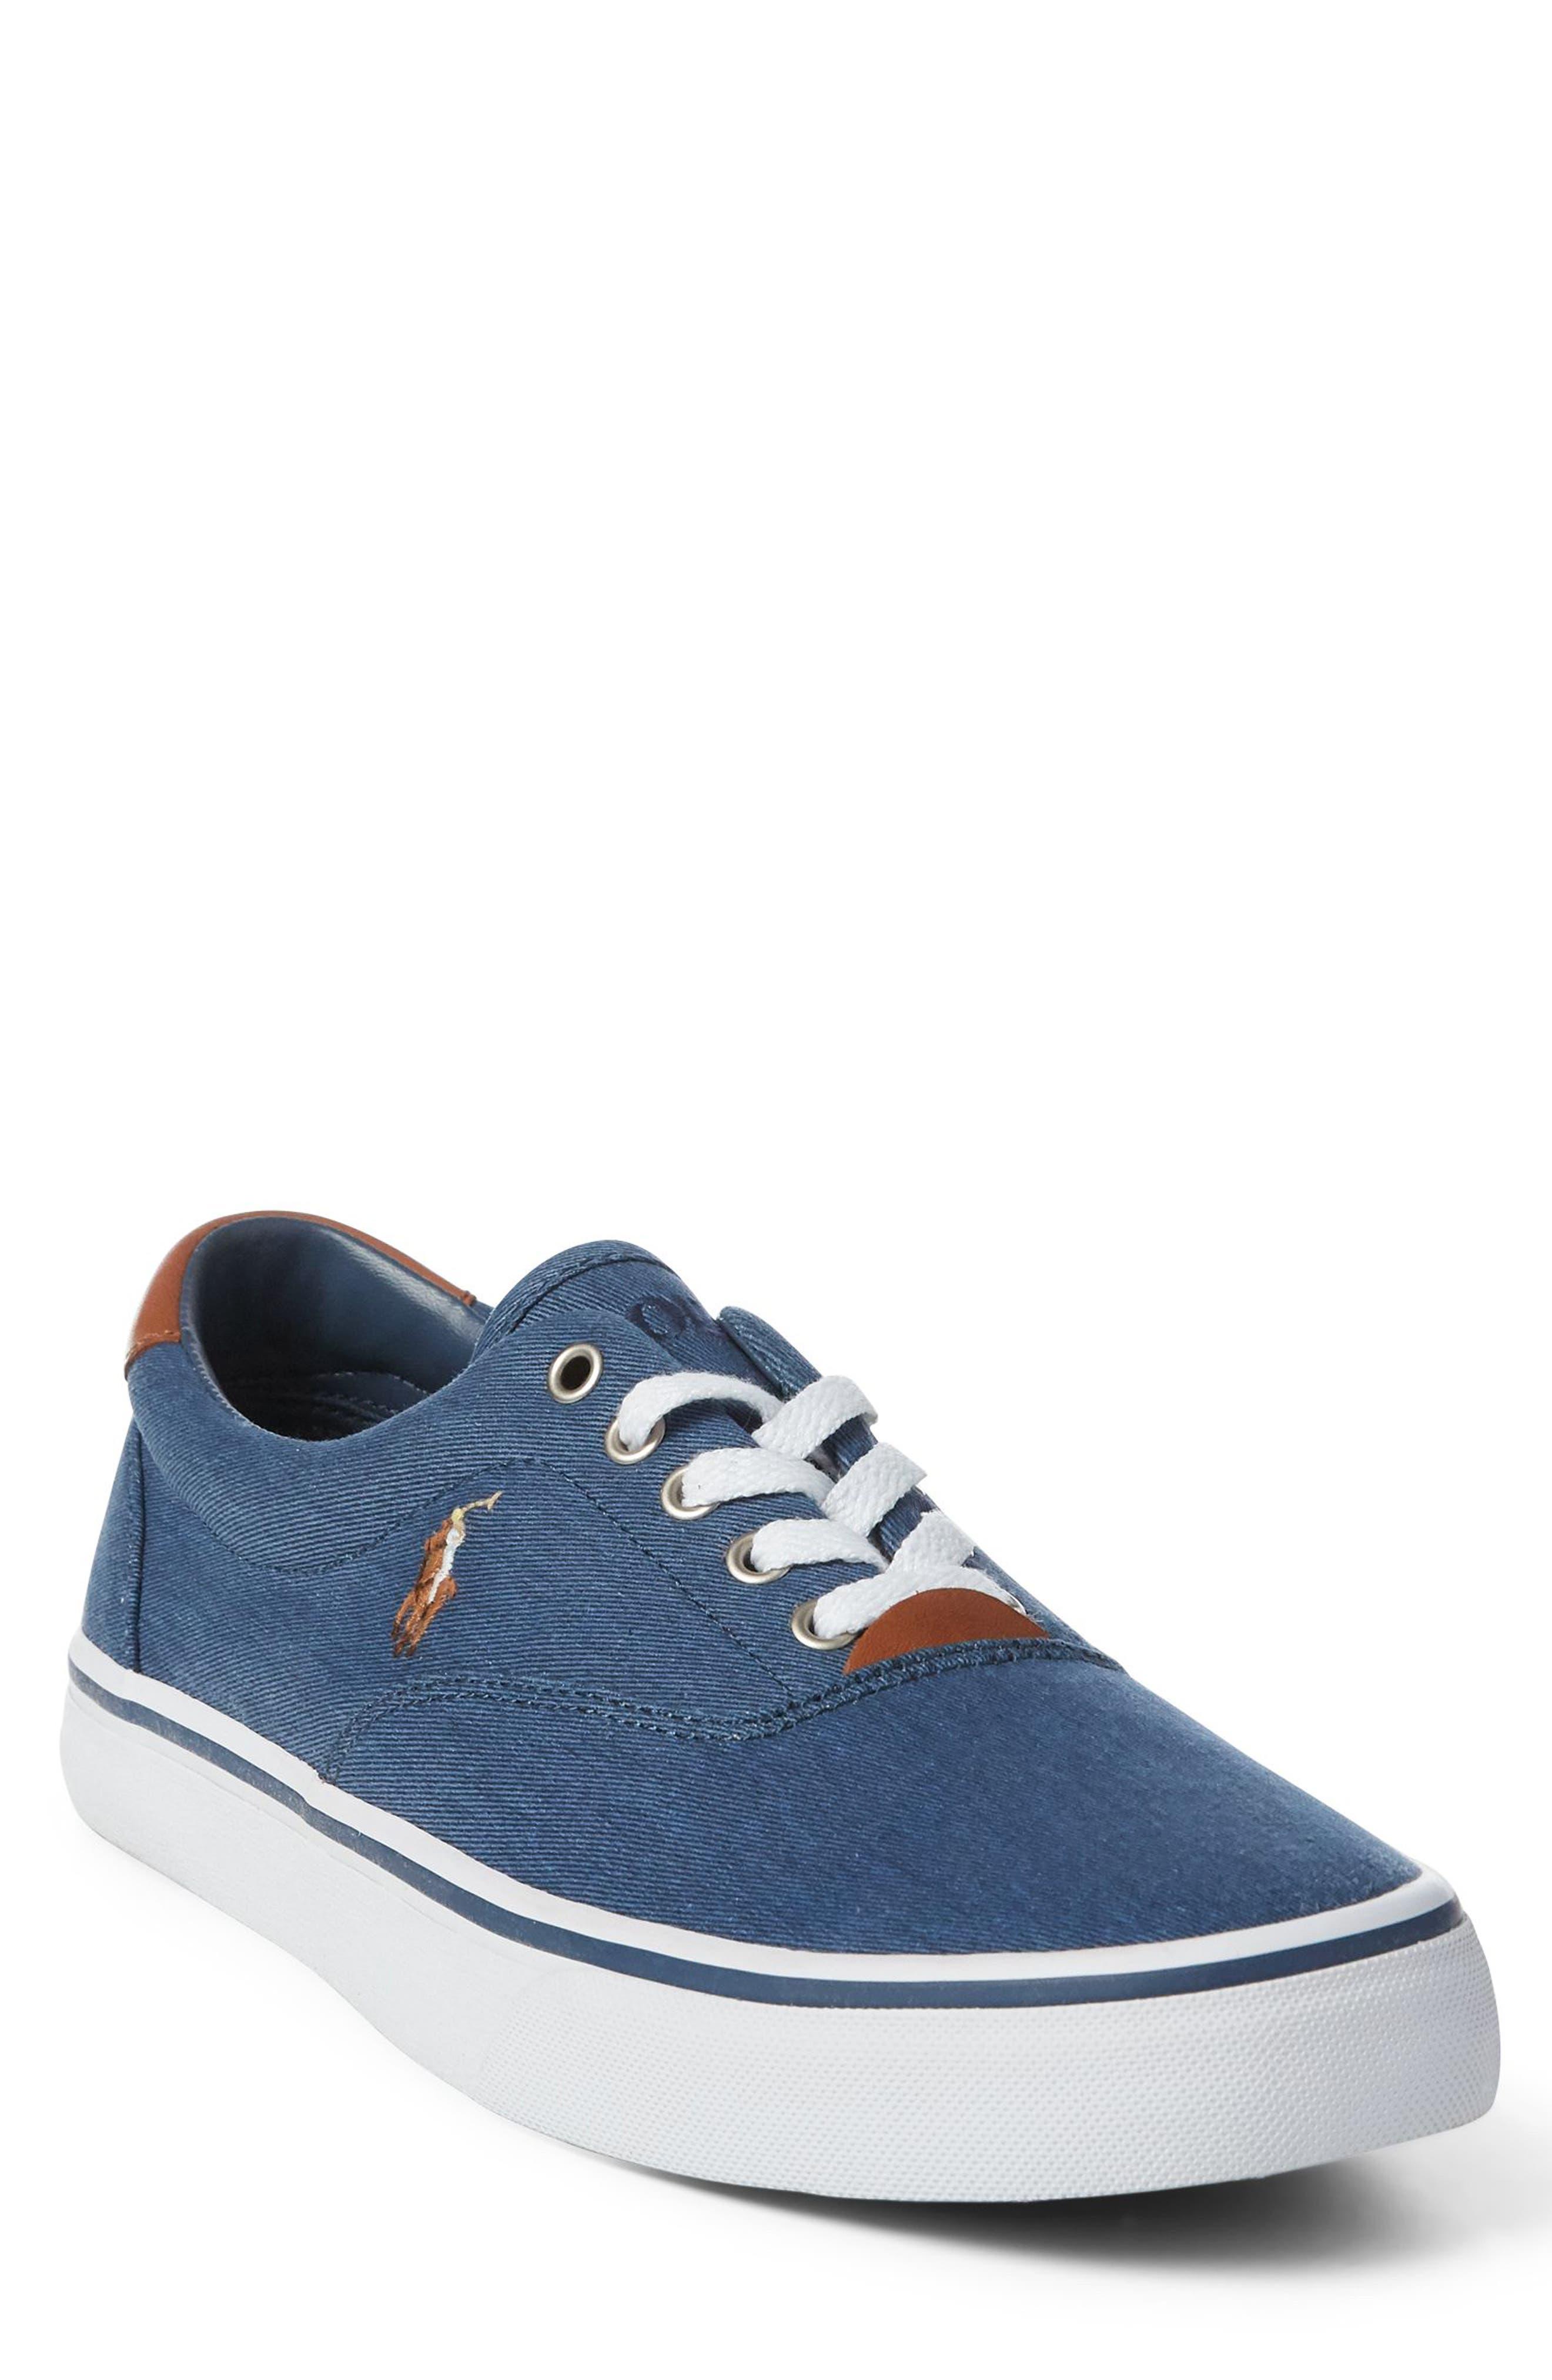 Men's Polo Ralph Lauren Sneakers